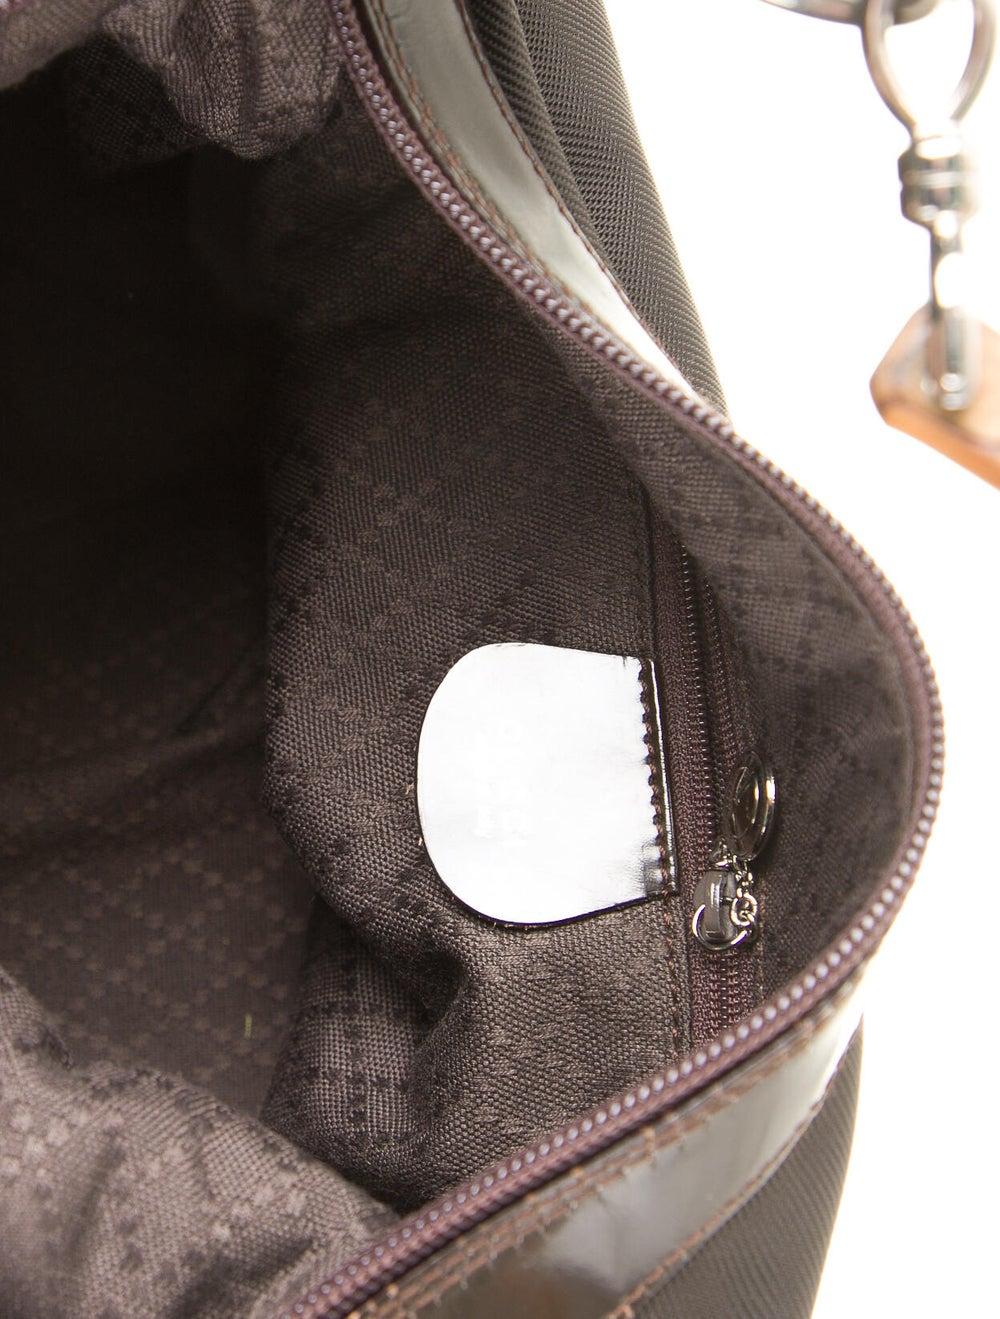 Gucci Vintage Bamboo Nylon Shoulder Bag Brown - image 5